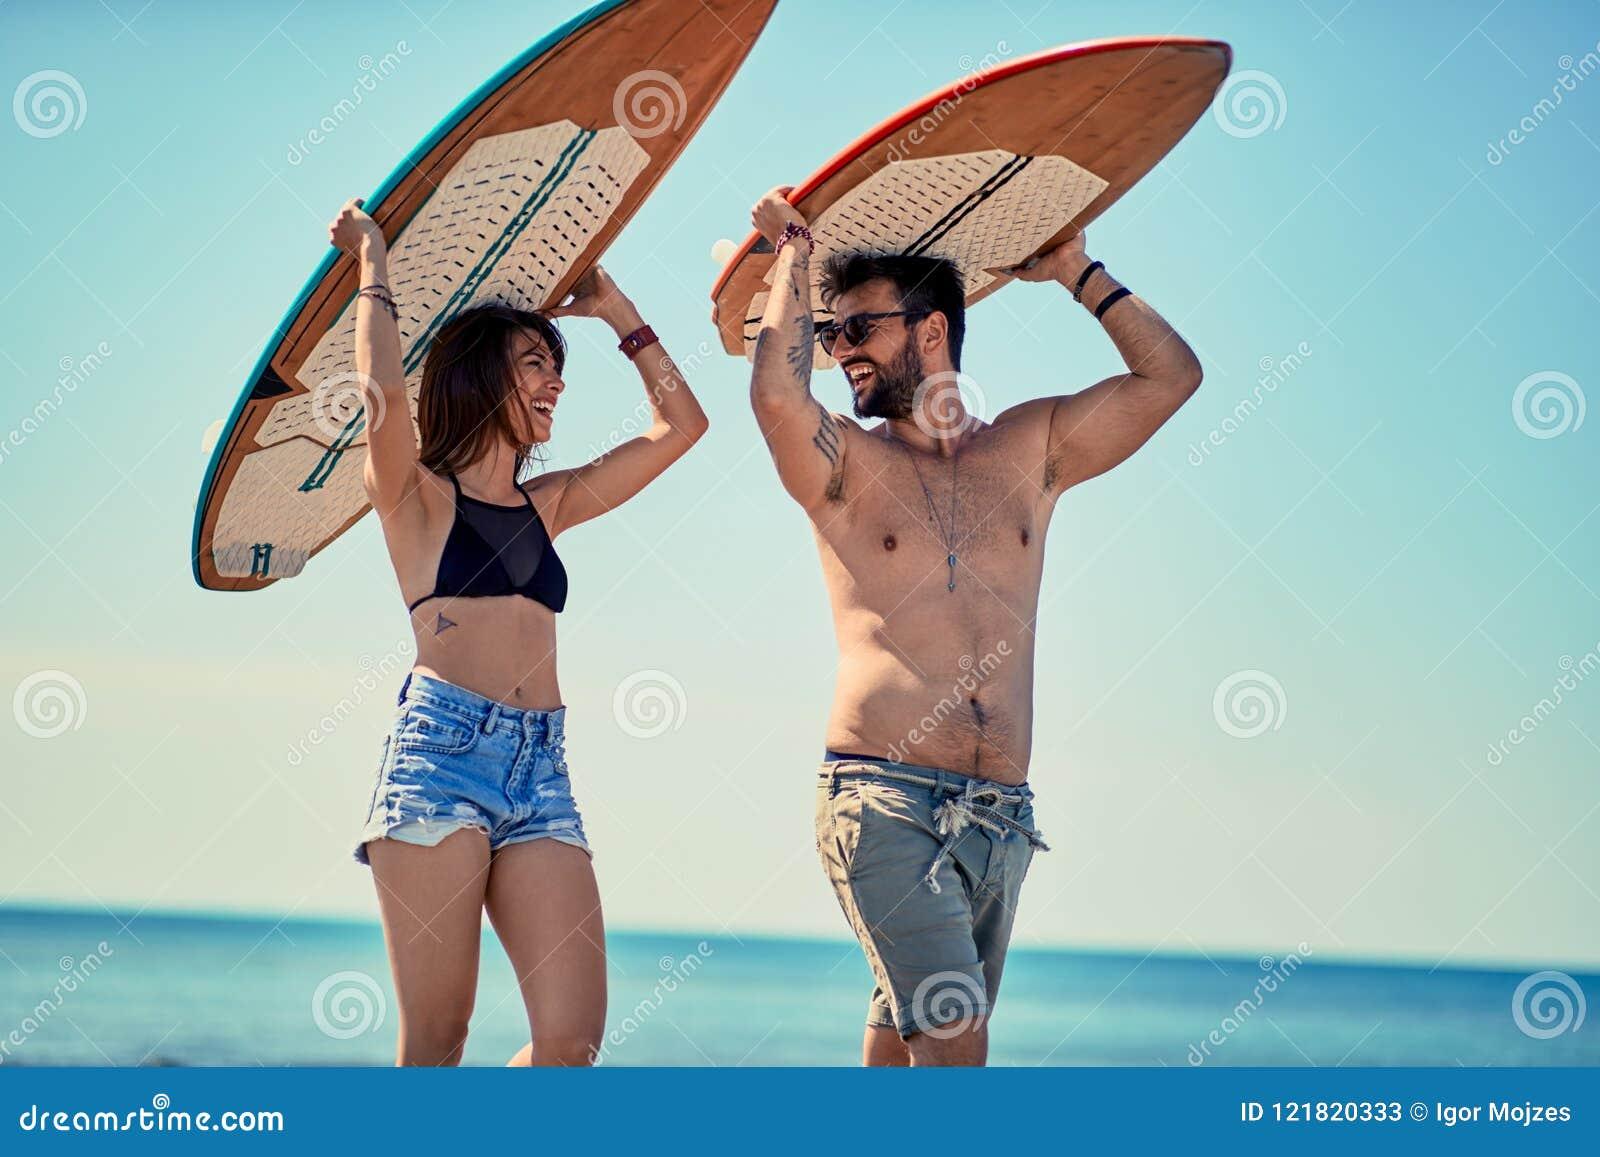 Personas que practica surf en los pares jovenes de la playa de las personas que practica surf que caminan en el bea